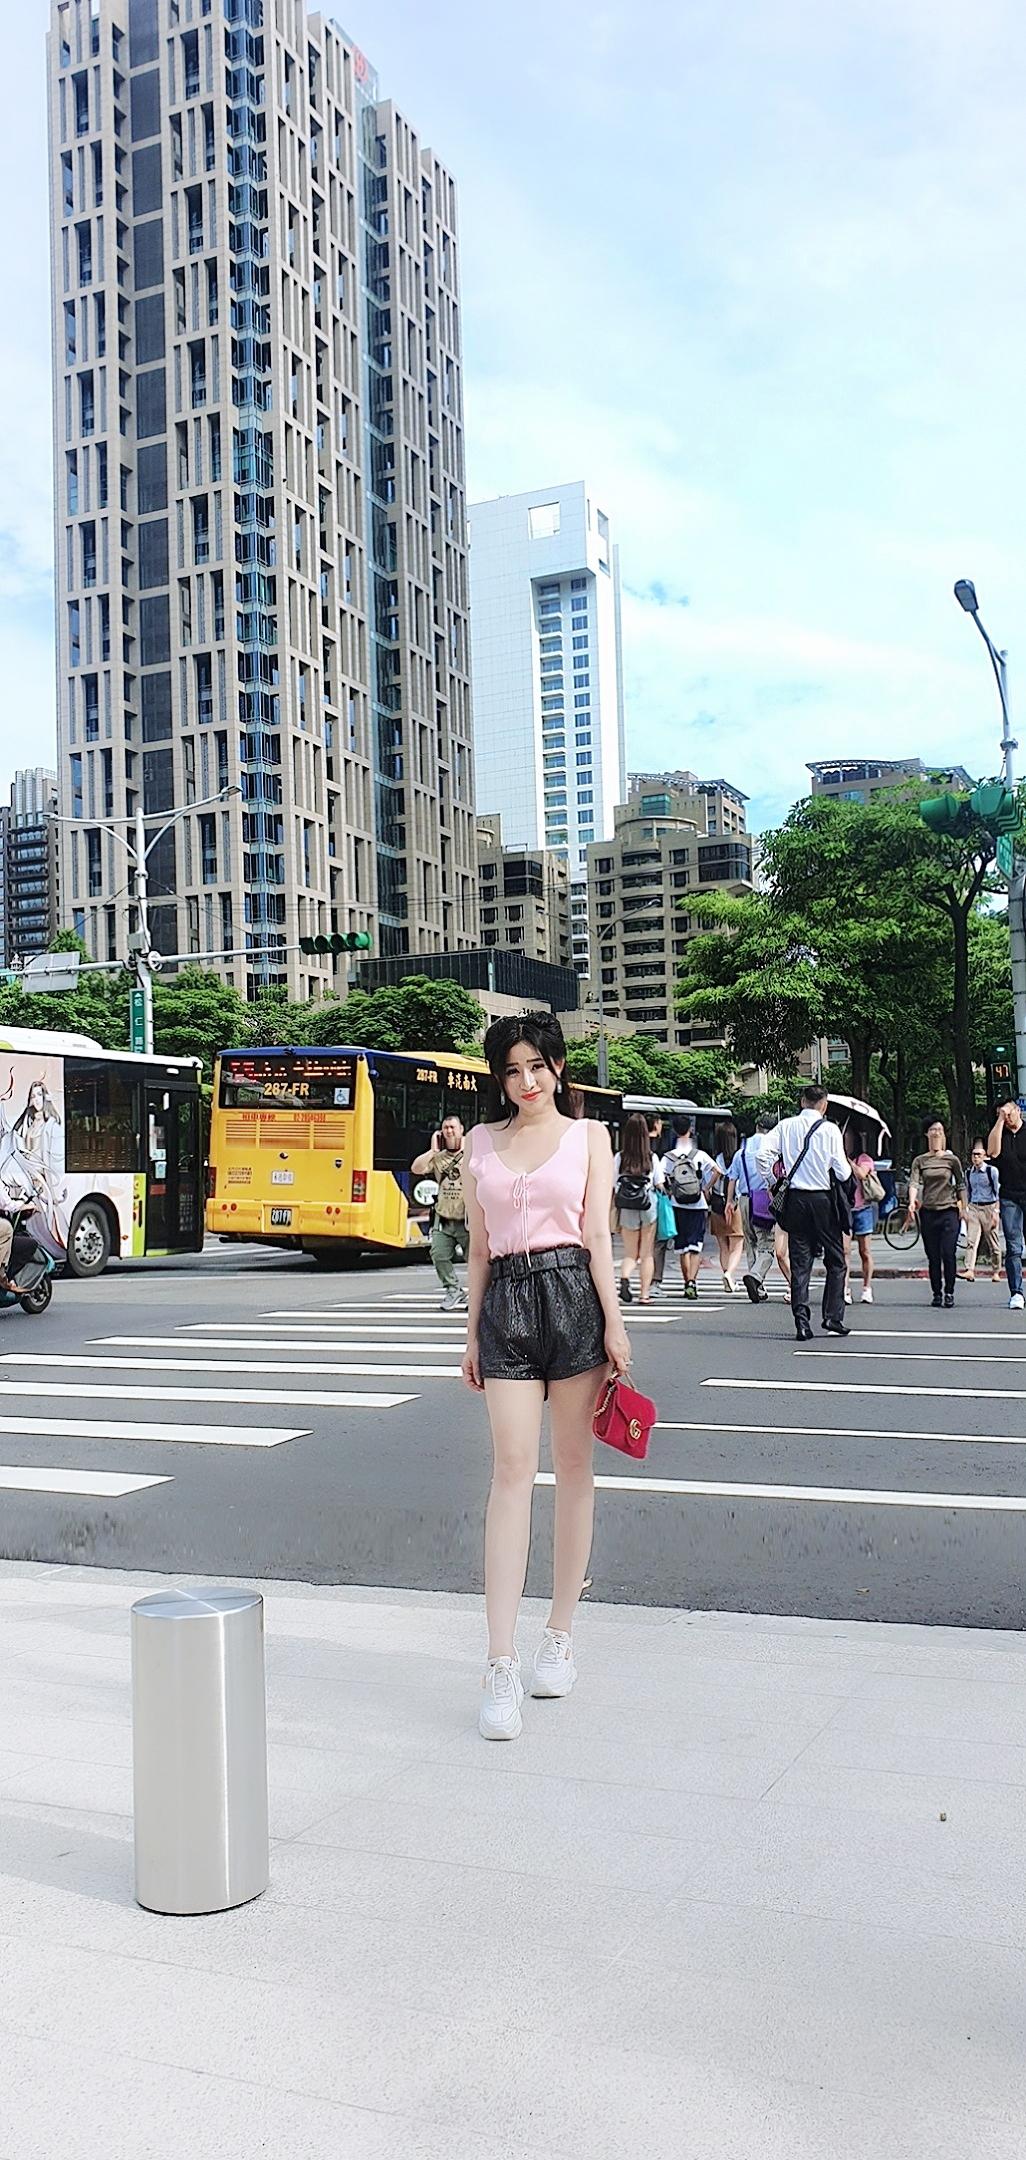 Hot girl Ivy du ngoạn Đài Loan sau cú sốc trầm cảm vì Hồ Quang Hiếu - 1